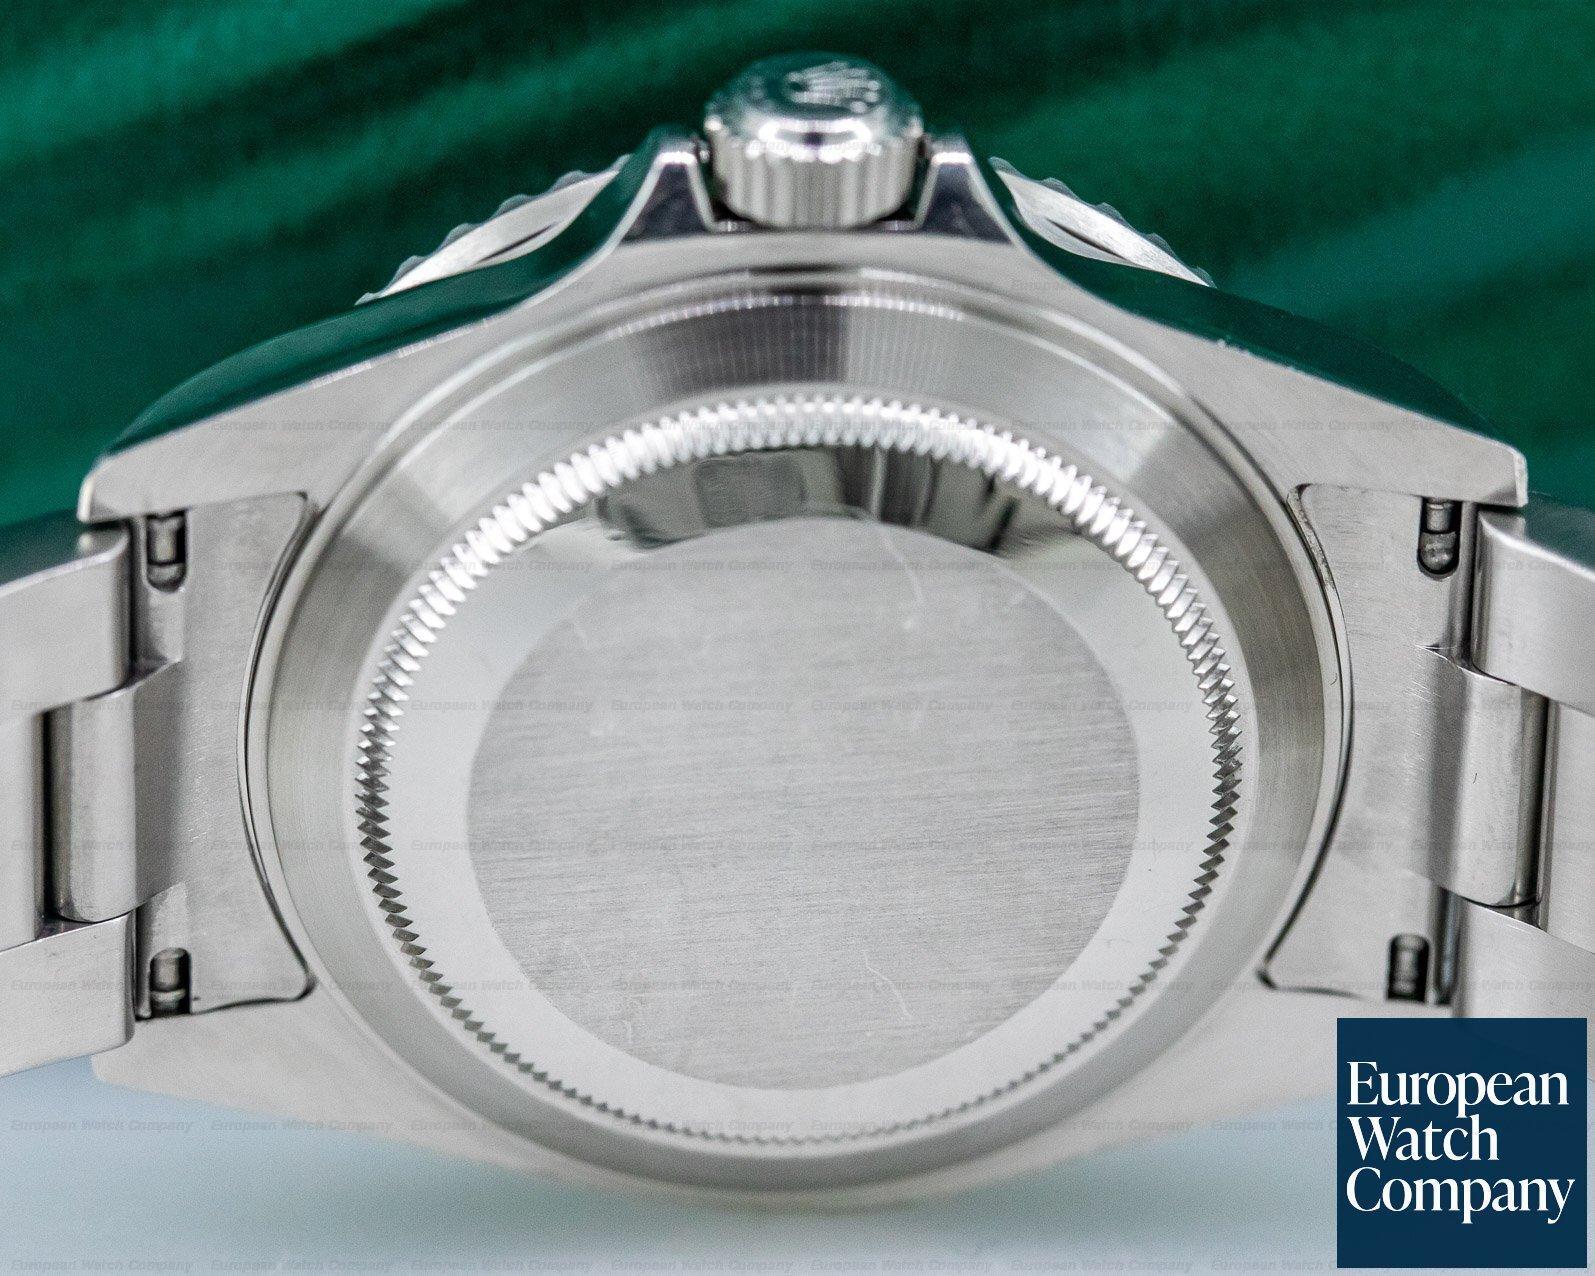 Rolex 16610LV Submariner 50th Anniversary SS Green Bezel